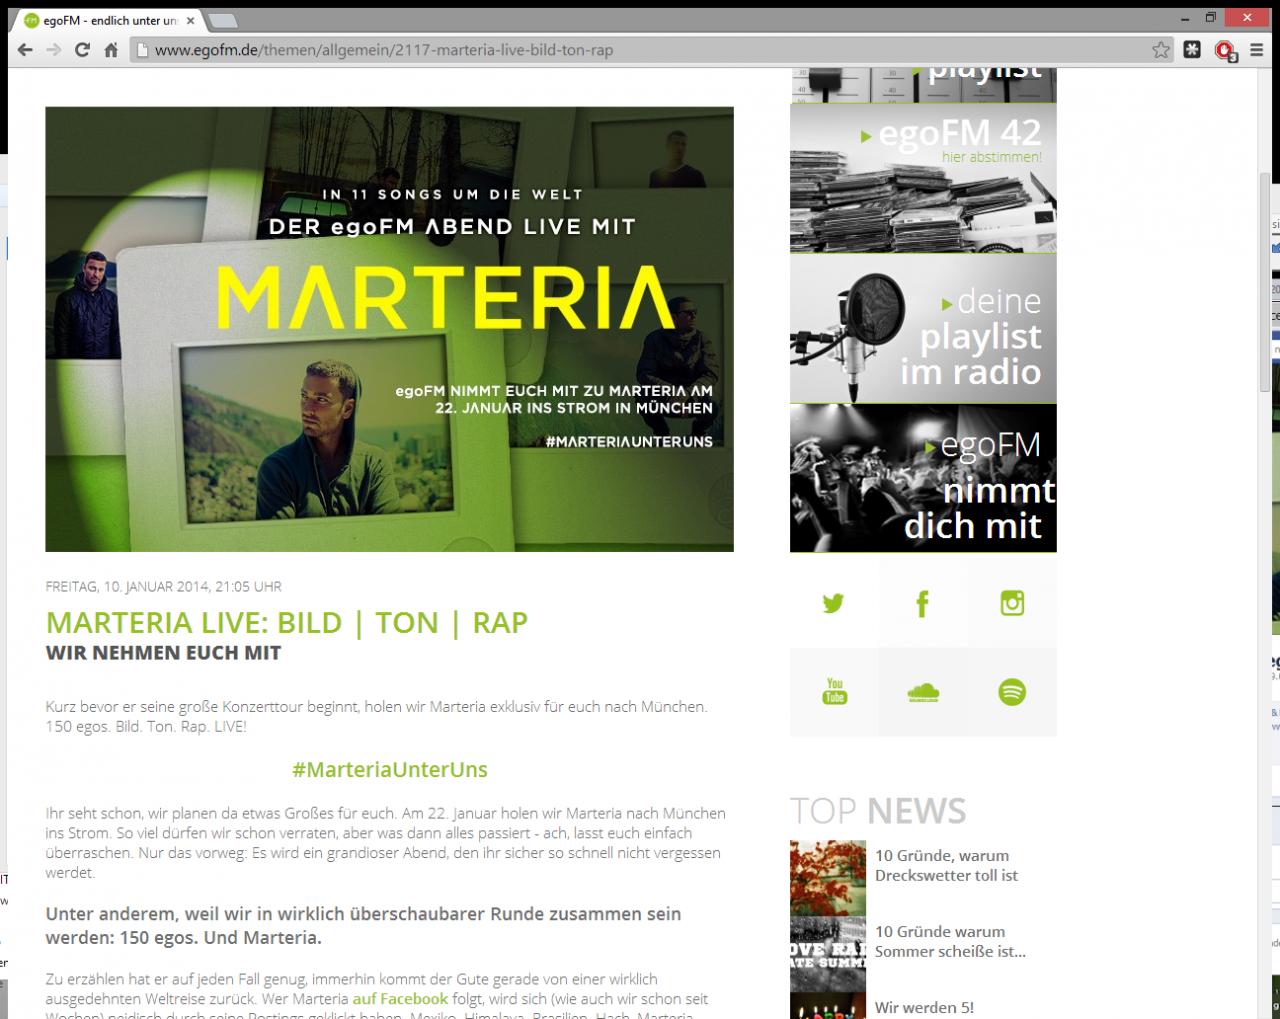 Design-artwork-for-Ein-Dia-Abend-mit-MARTERIA-und-egoFM-mit11-songs-um-die-welt-22.01.2014-im-strom-club-muenchen-Website-Post-Content-Design